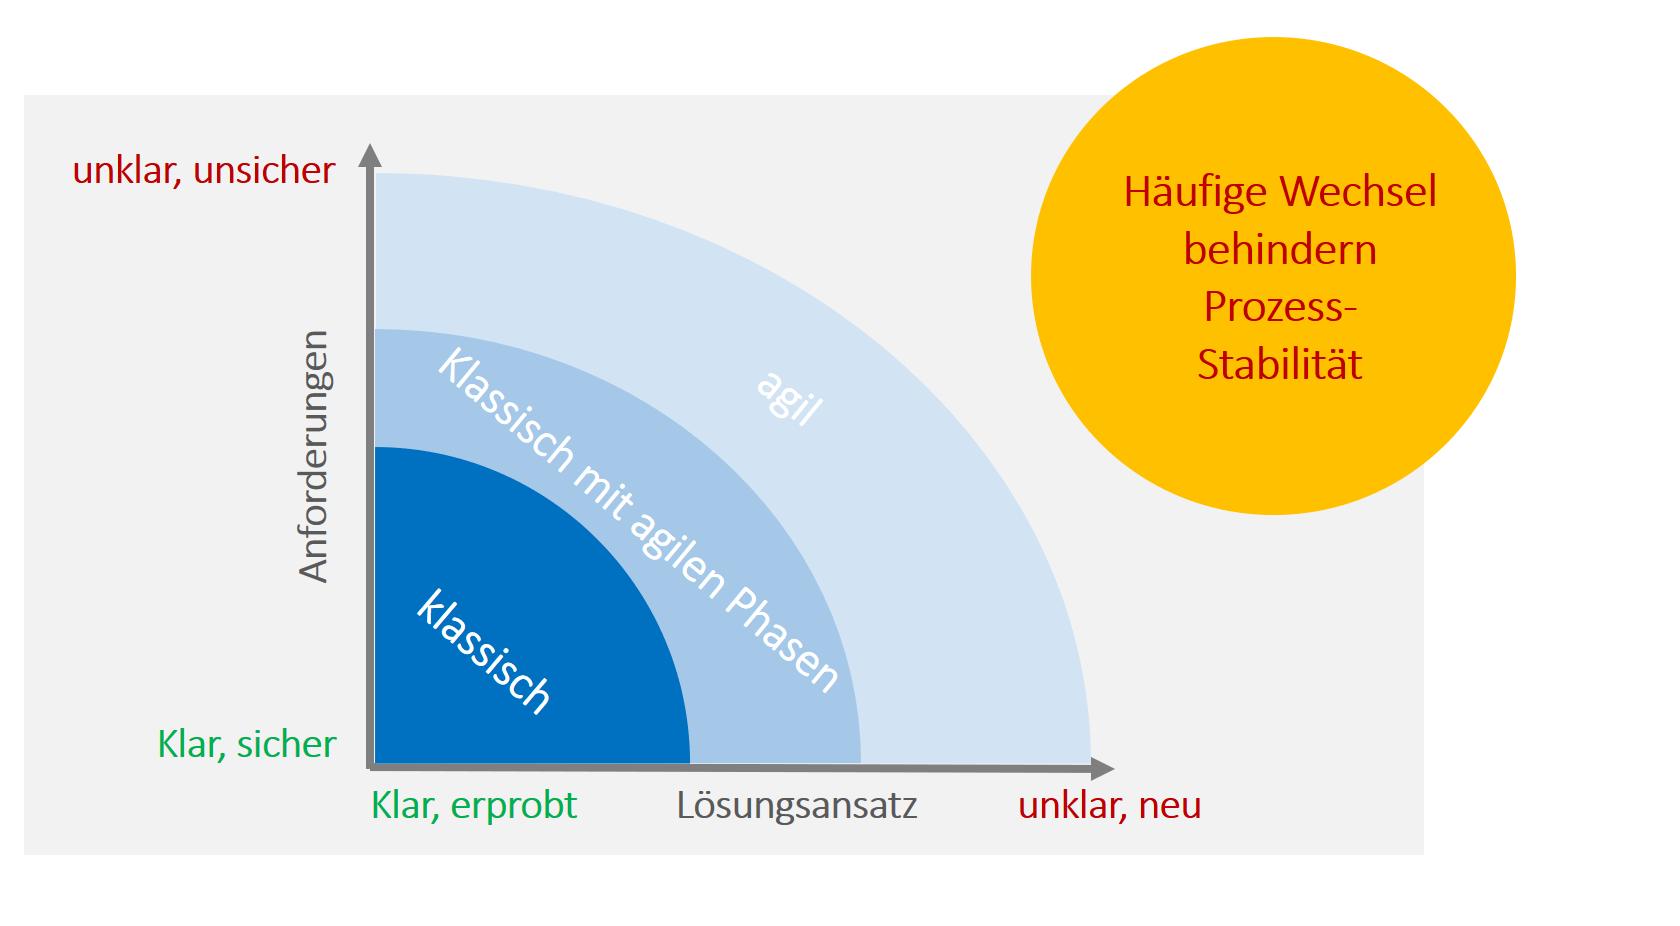 Hybrides Projektmanagement Bild 5